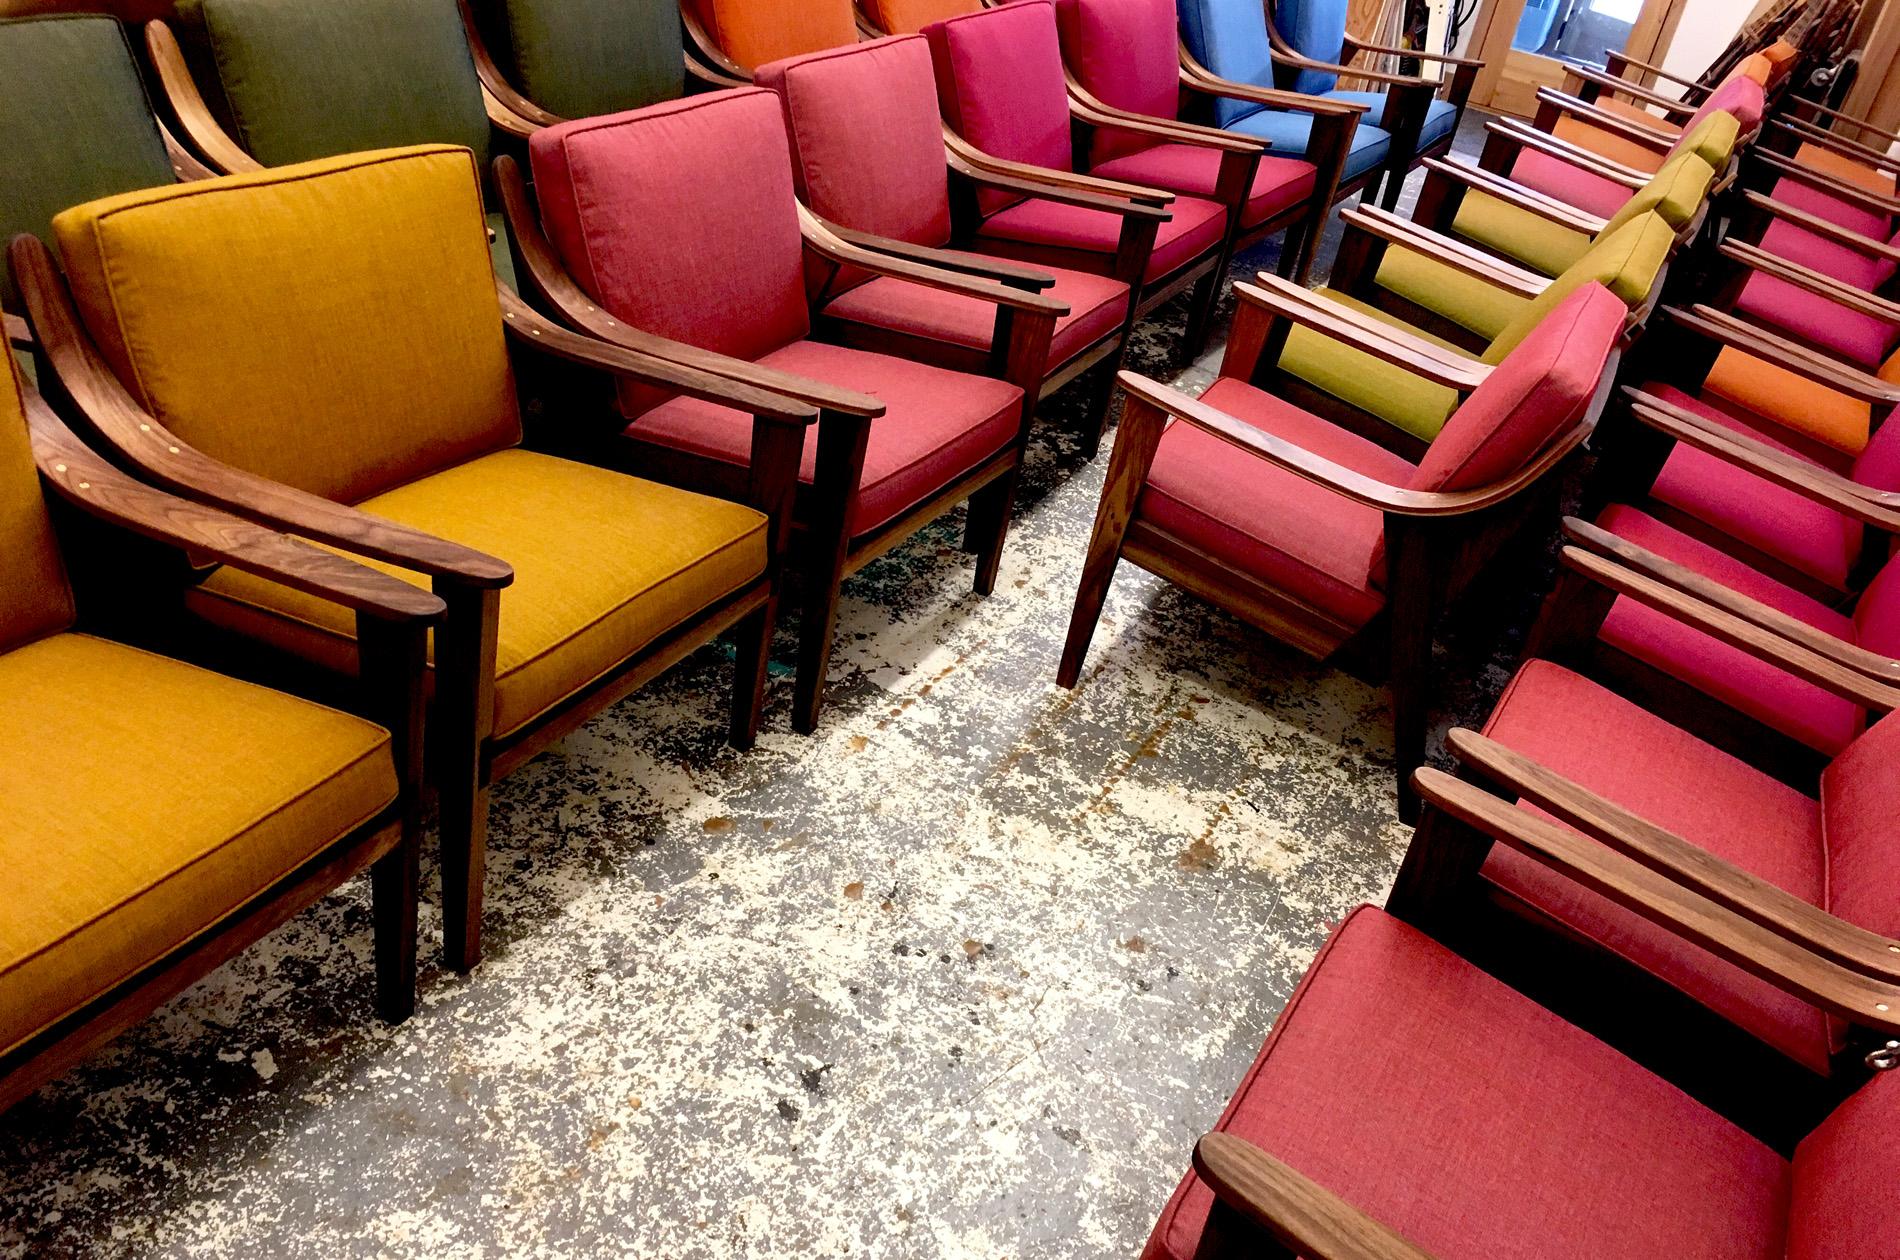 chairs_30.jpg